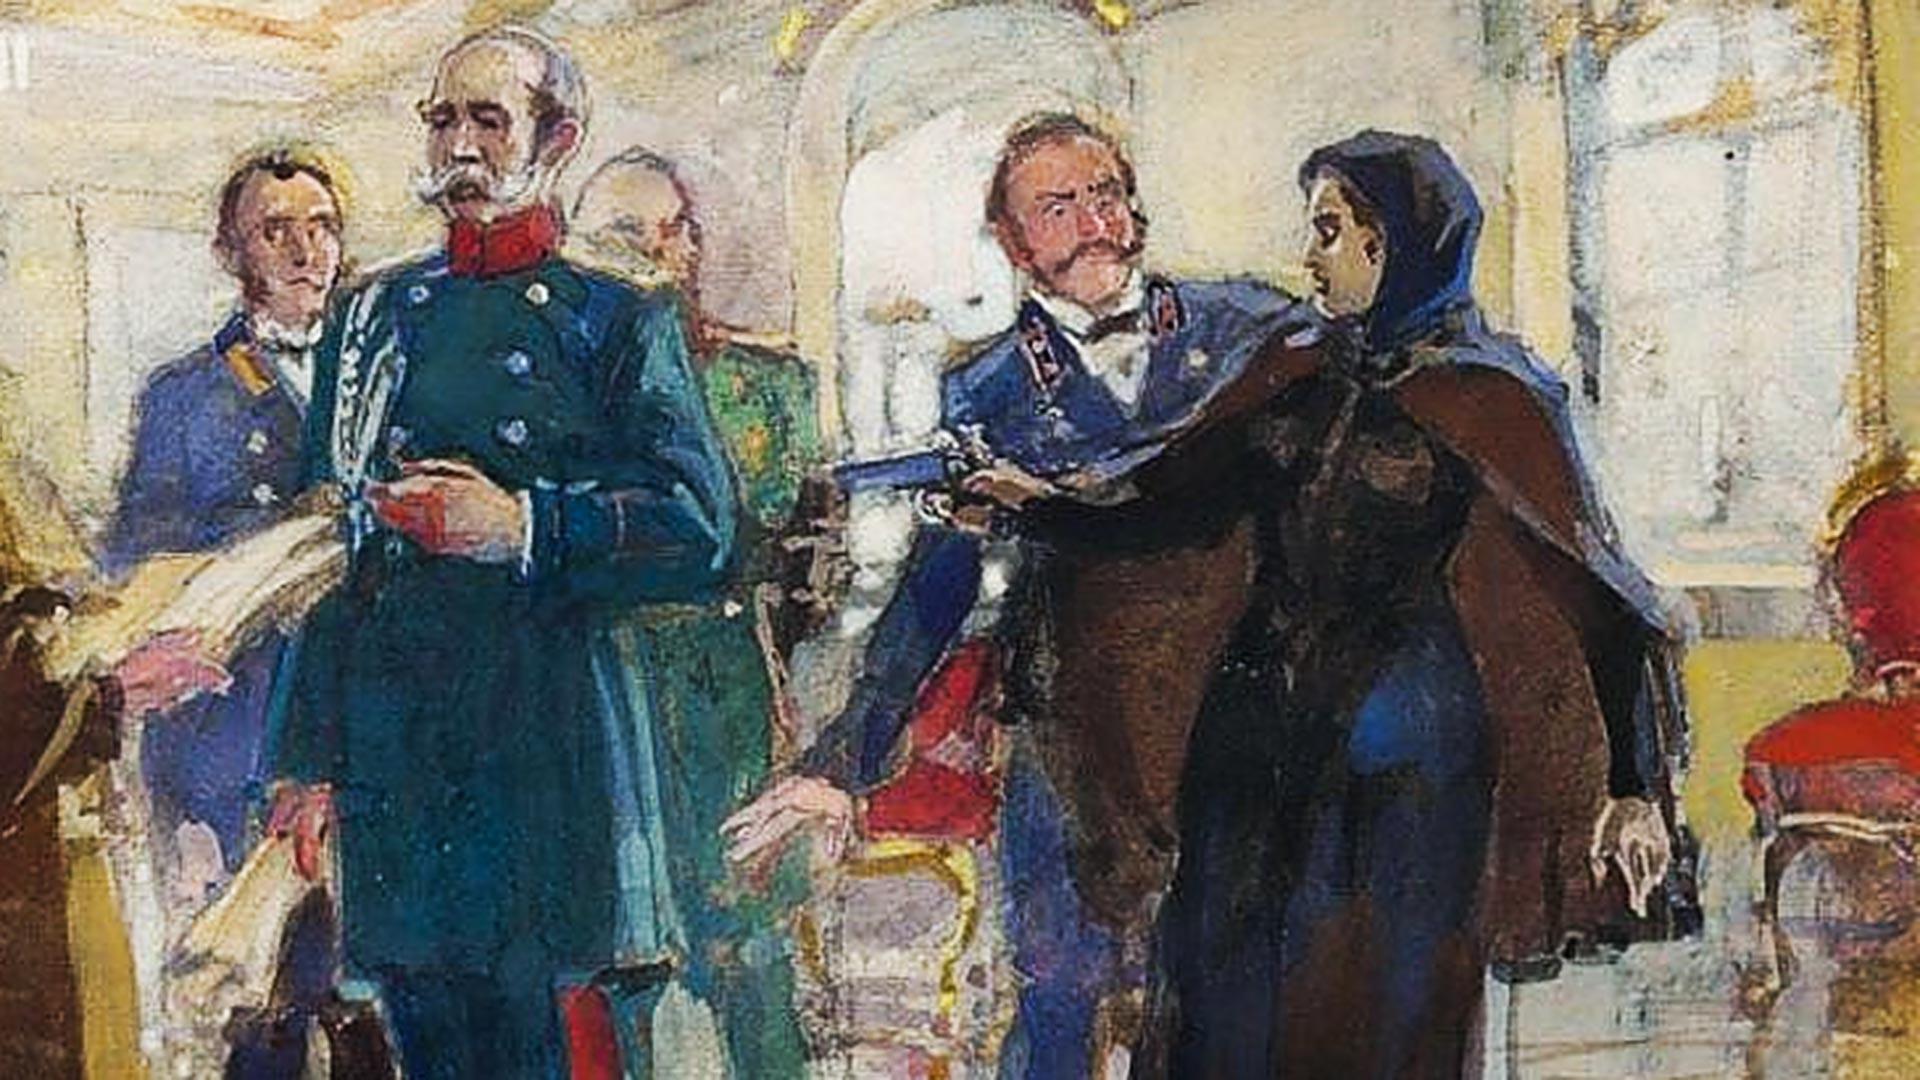 Vera Zasulich (1849-1919), la rivoluzionaria russa che tentò di assassinare Fjodor Trepov (1803-1889), capo della polizia di San Pietroburgo (1860-1878). Riuscì solo a ferirlo. Al processo fu assolta dalla giuria